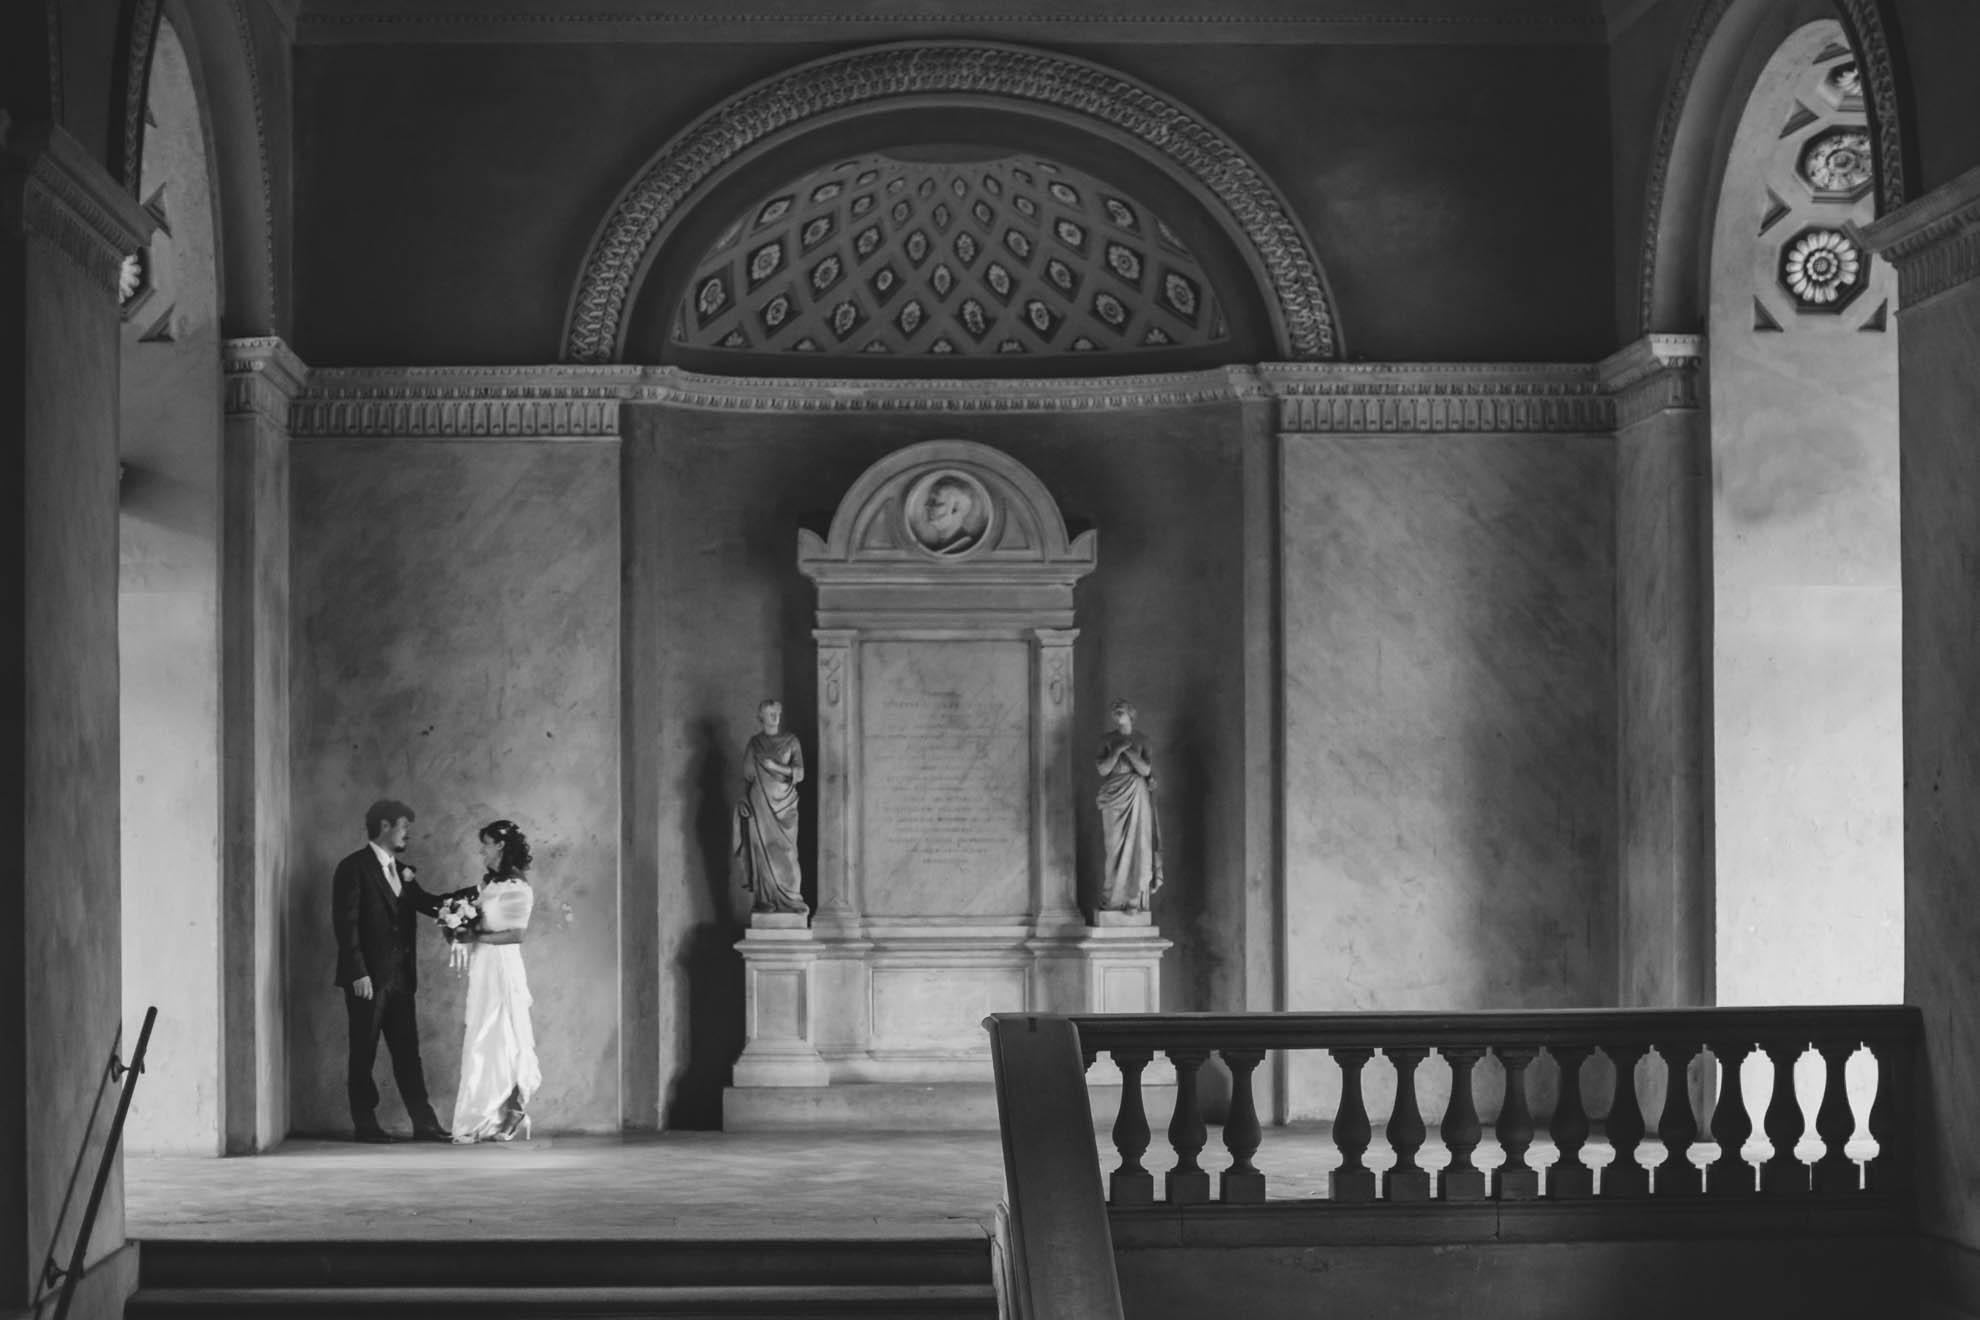 018 Fotografo per Matrimonio Diego Ravenna Pavia_R5D3219-Modifica